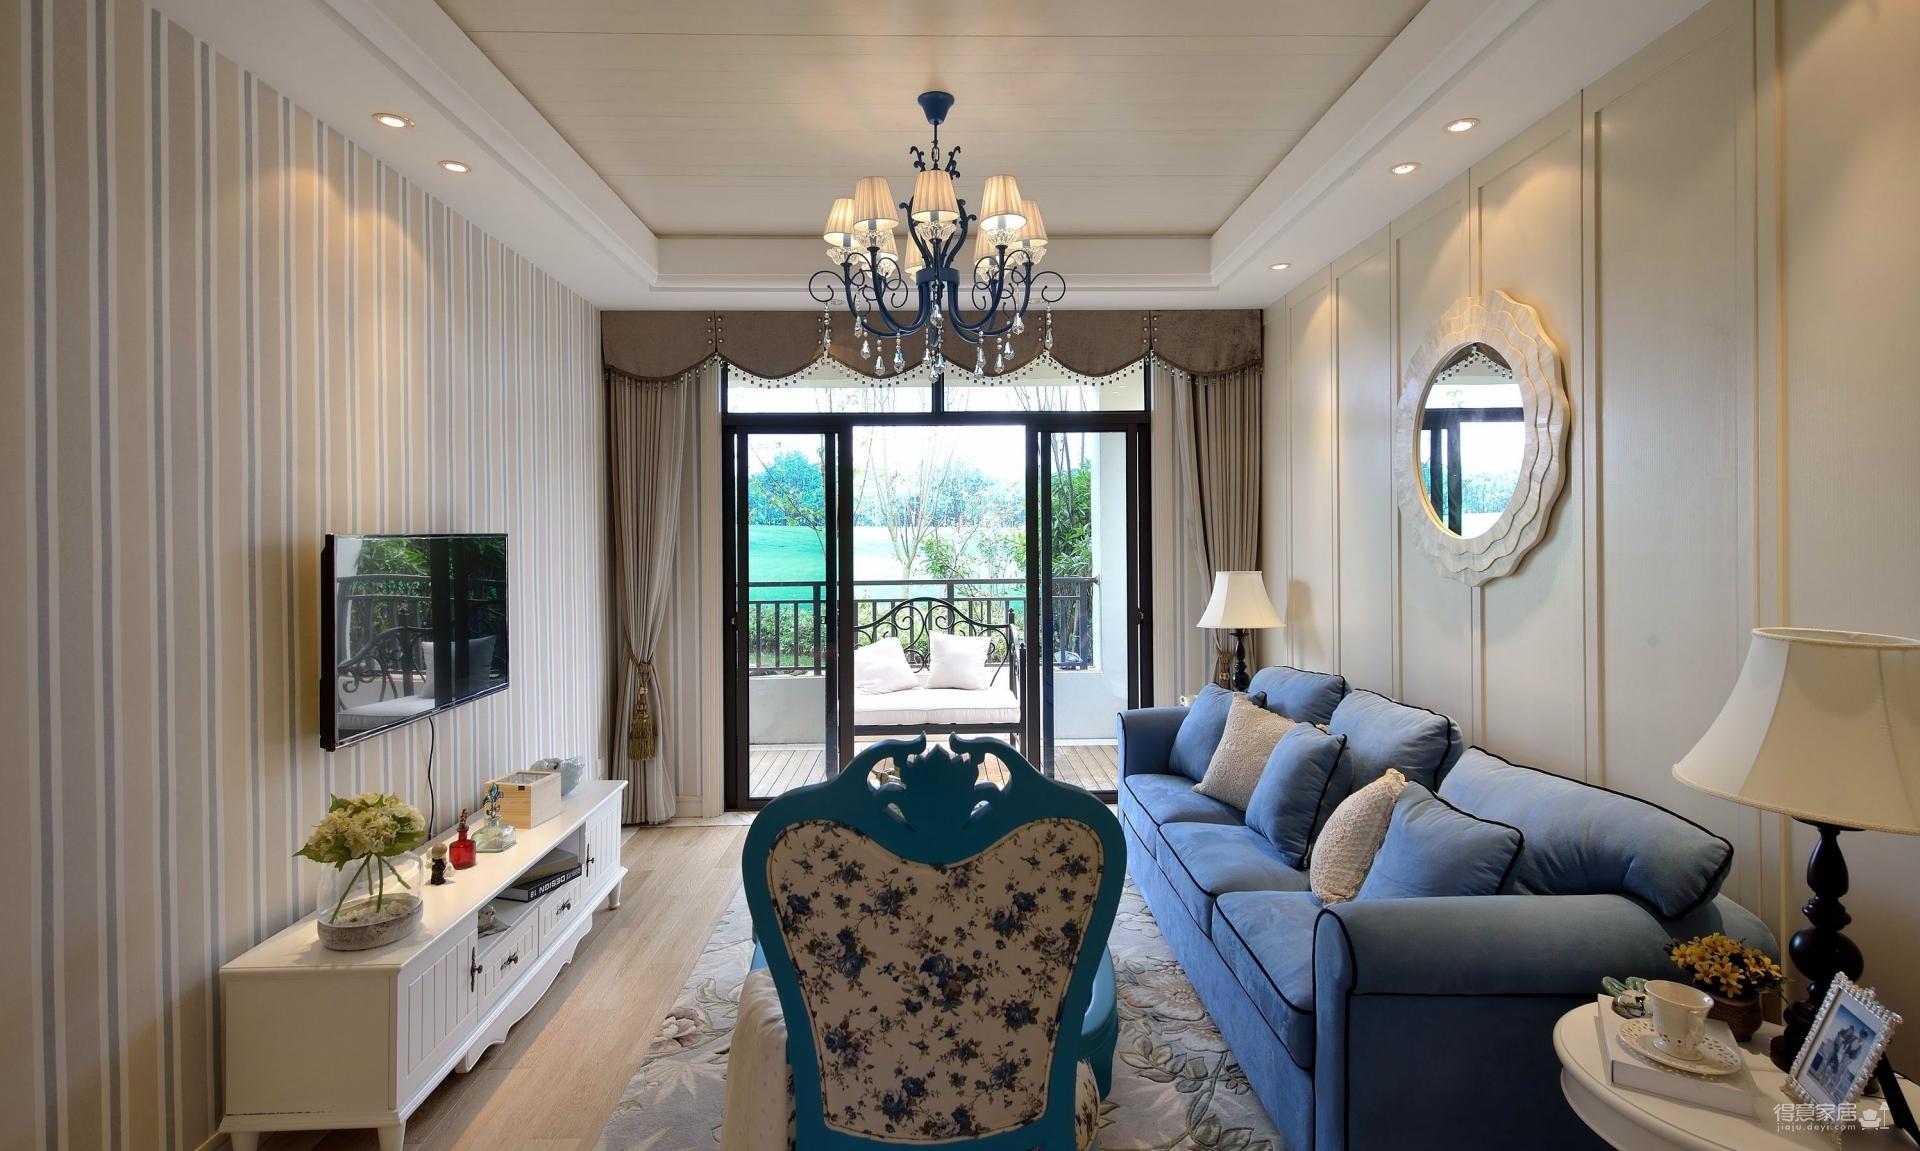 三室一厅-地中海风格-超有情调图_3